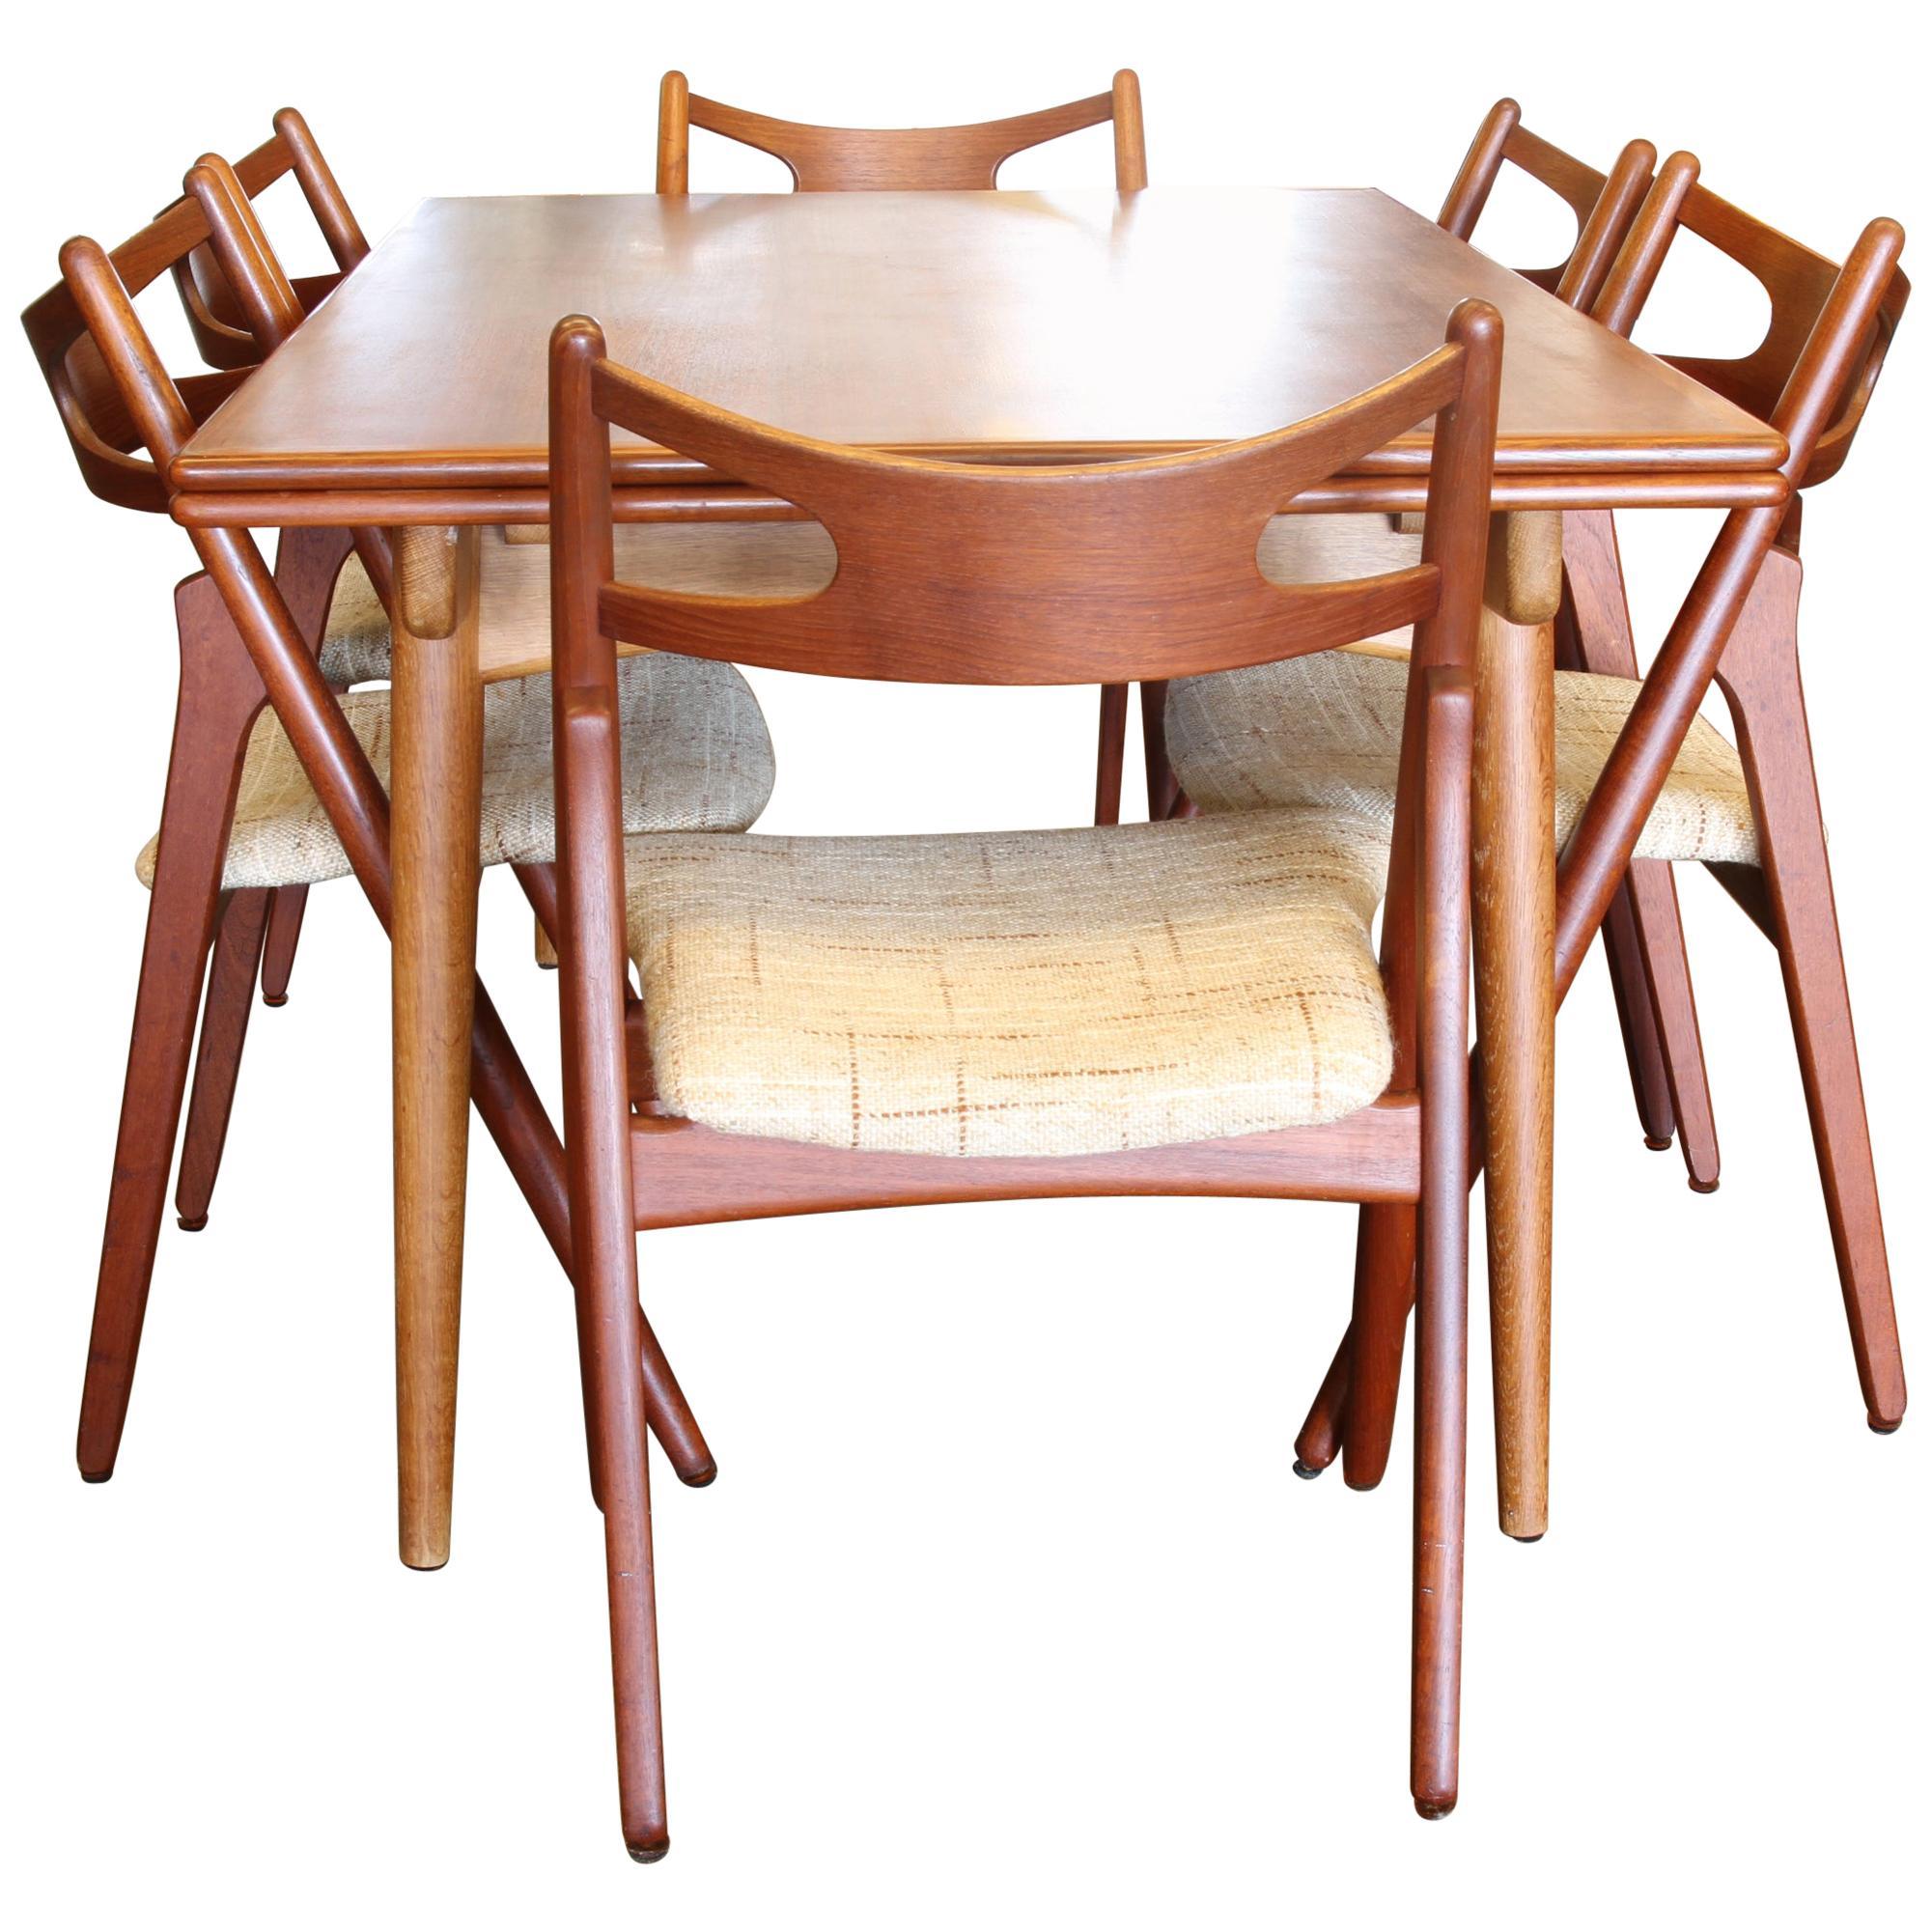 Danish Teak Dining Set By Hans J. Wegner, 1960s